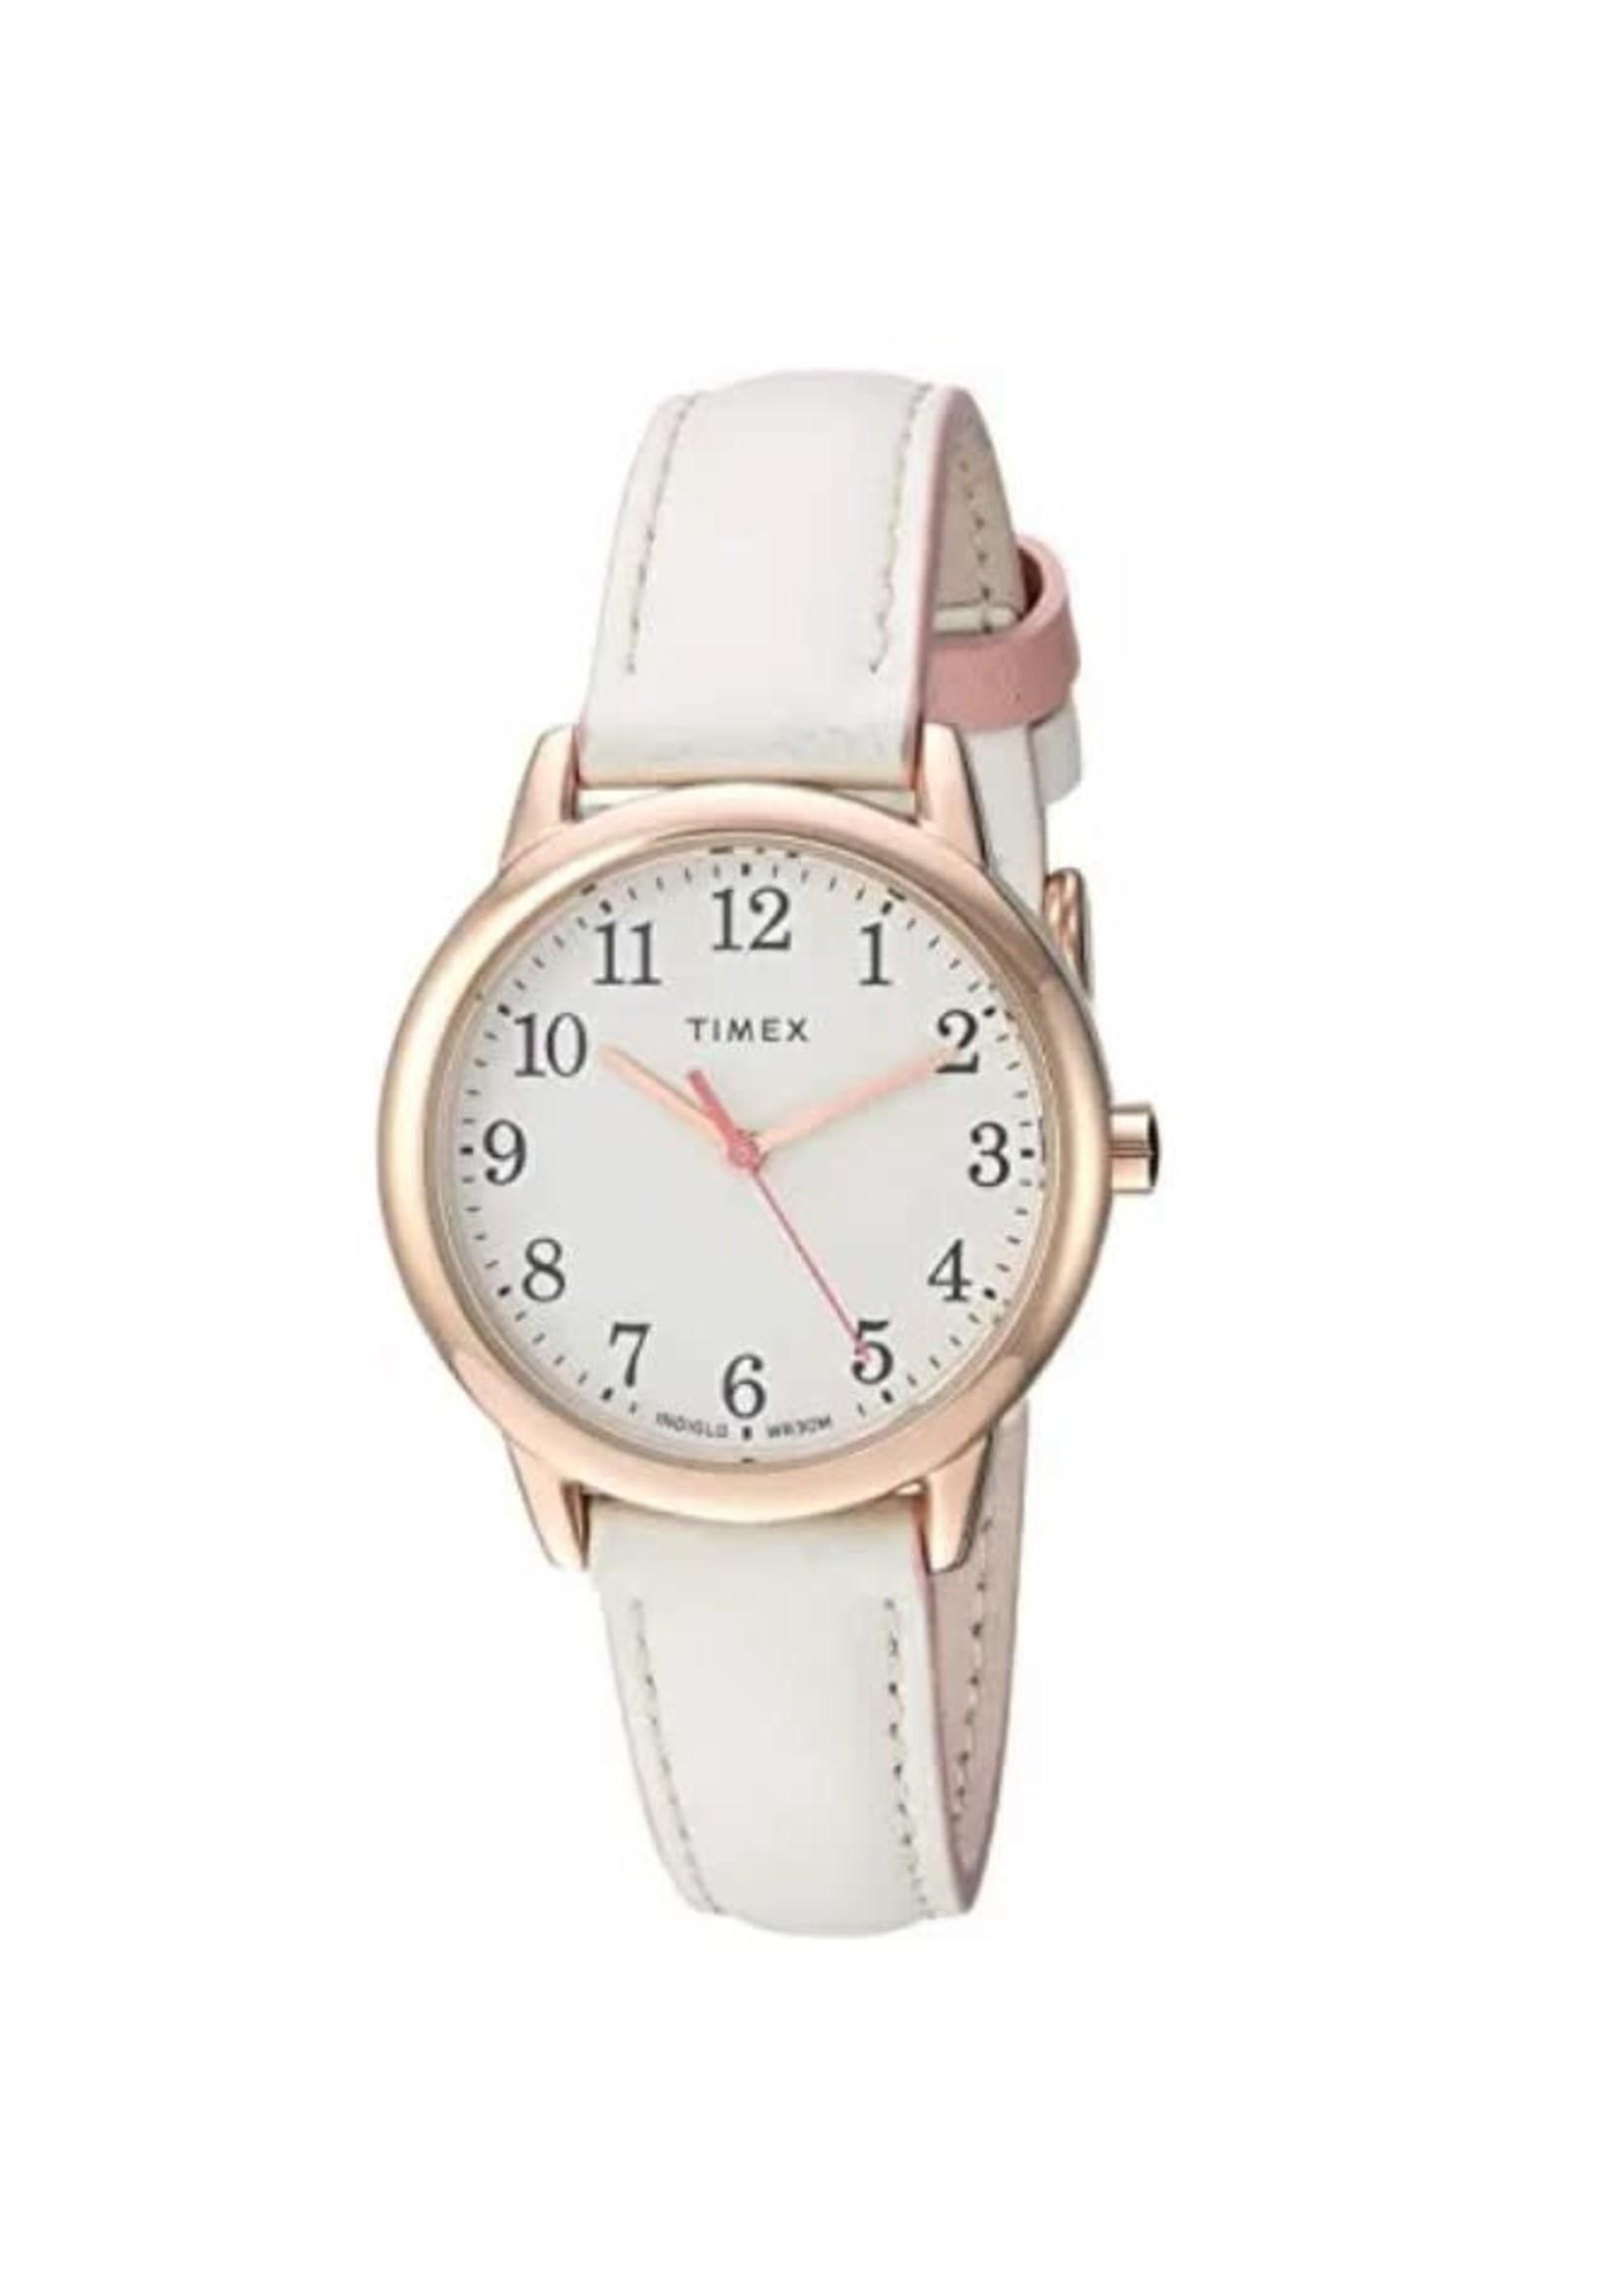 Montre Timex blanche et rose